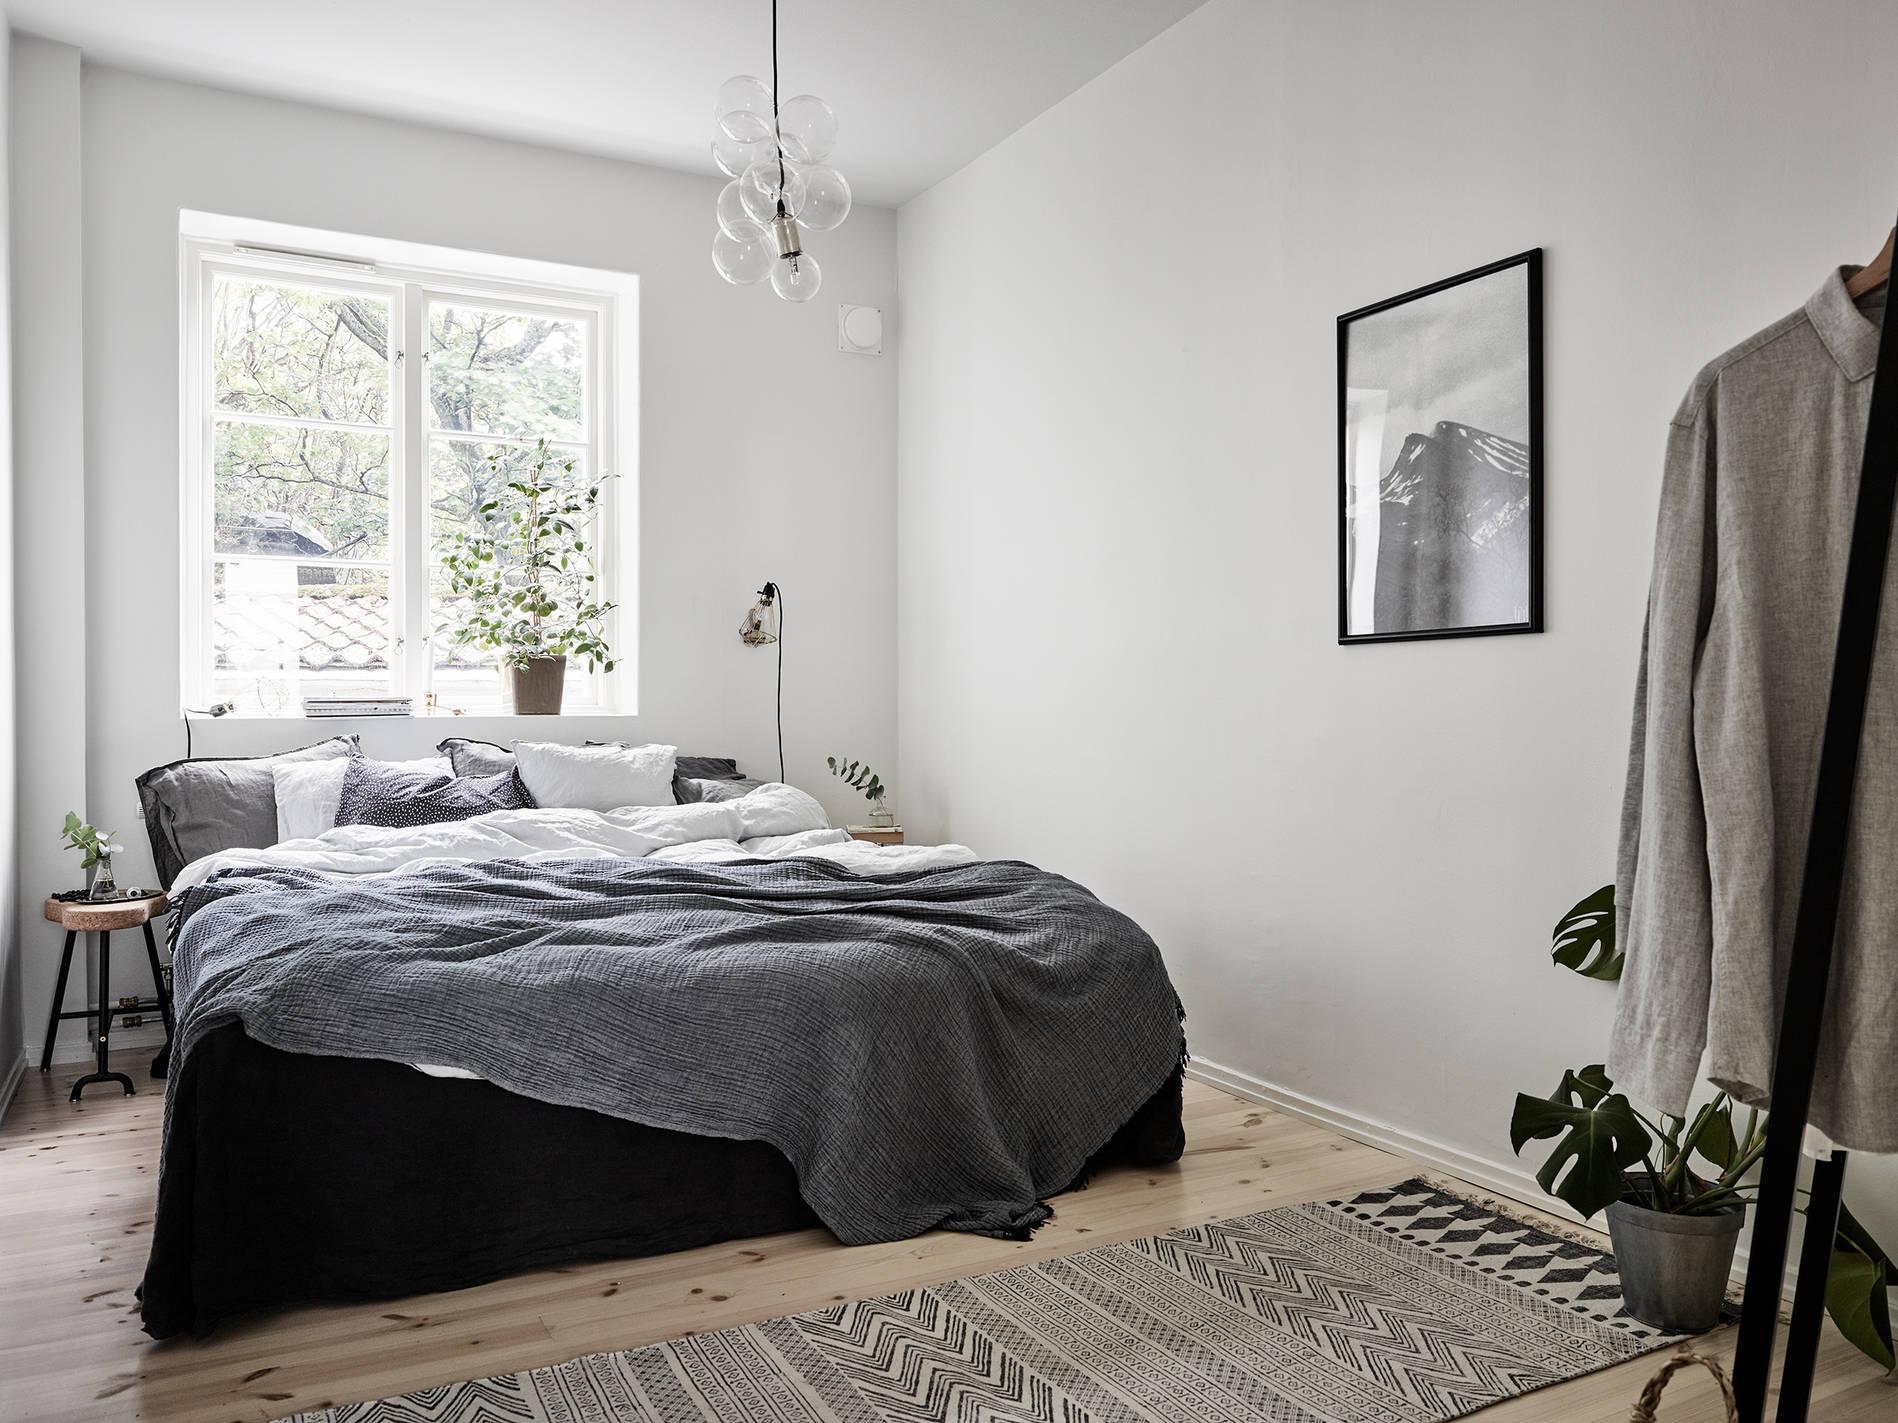 Stadshem Janne Olander – Husligheter